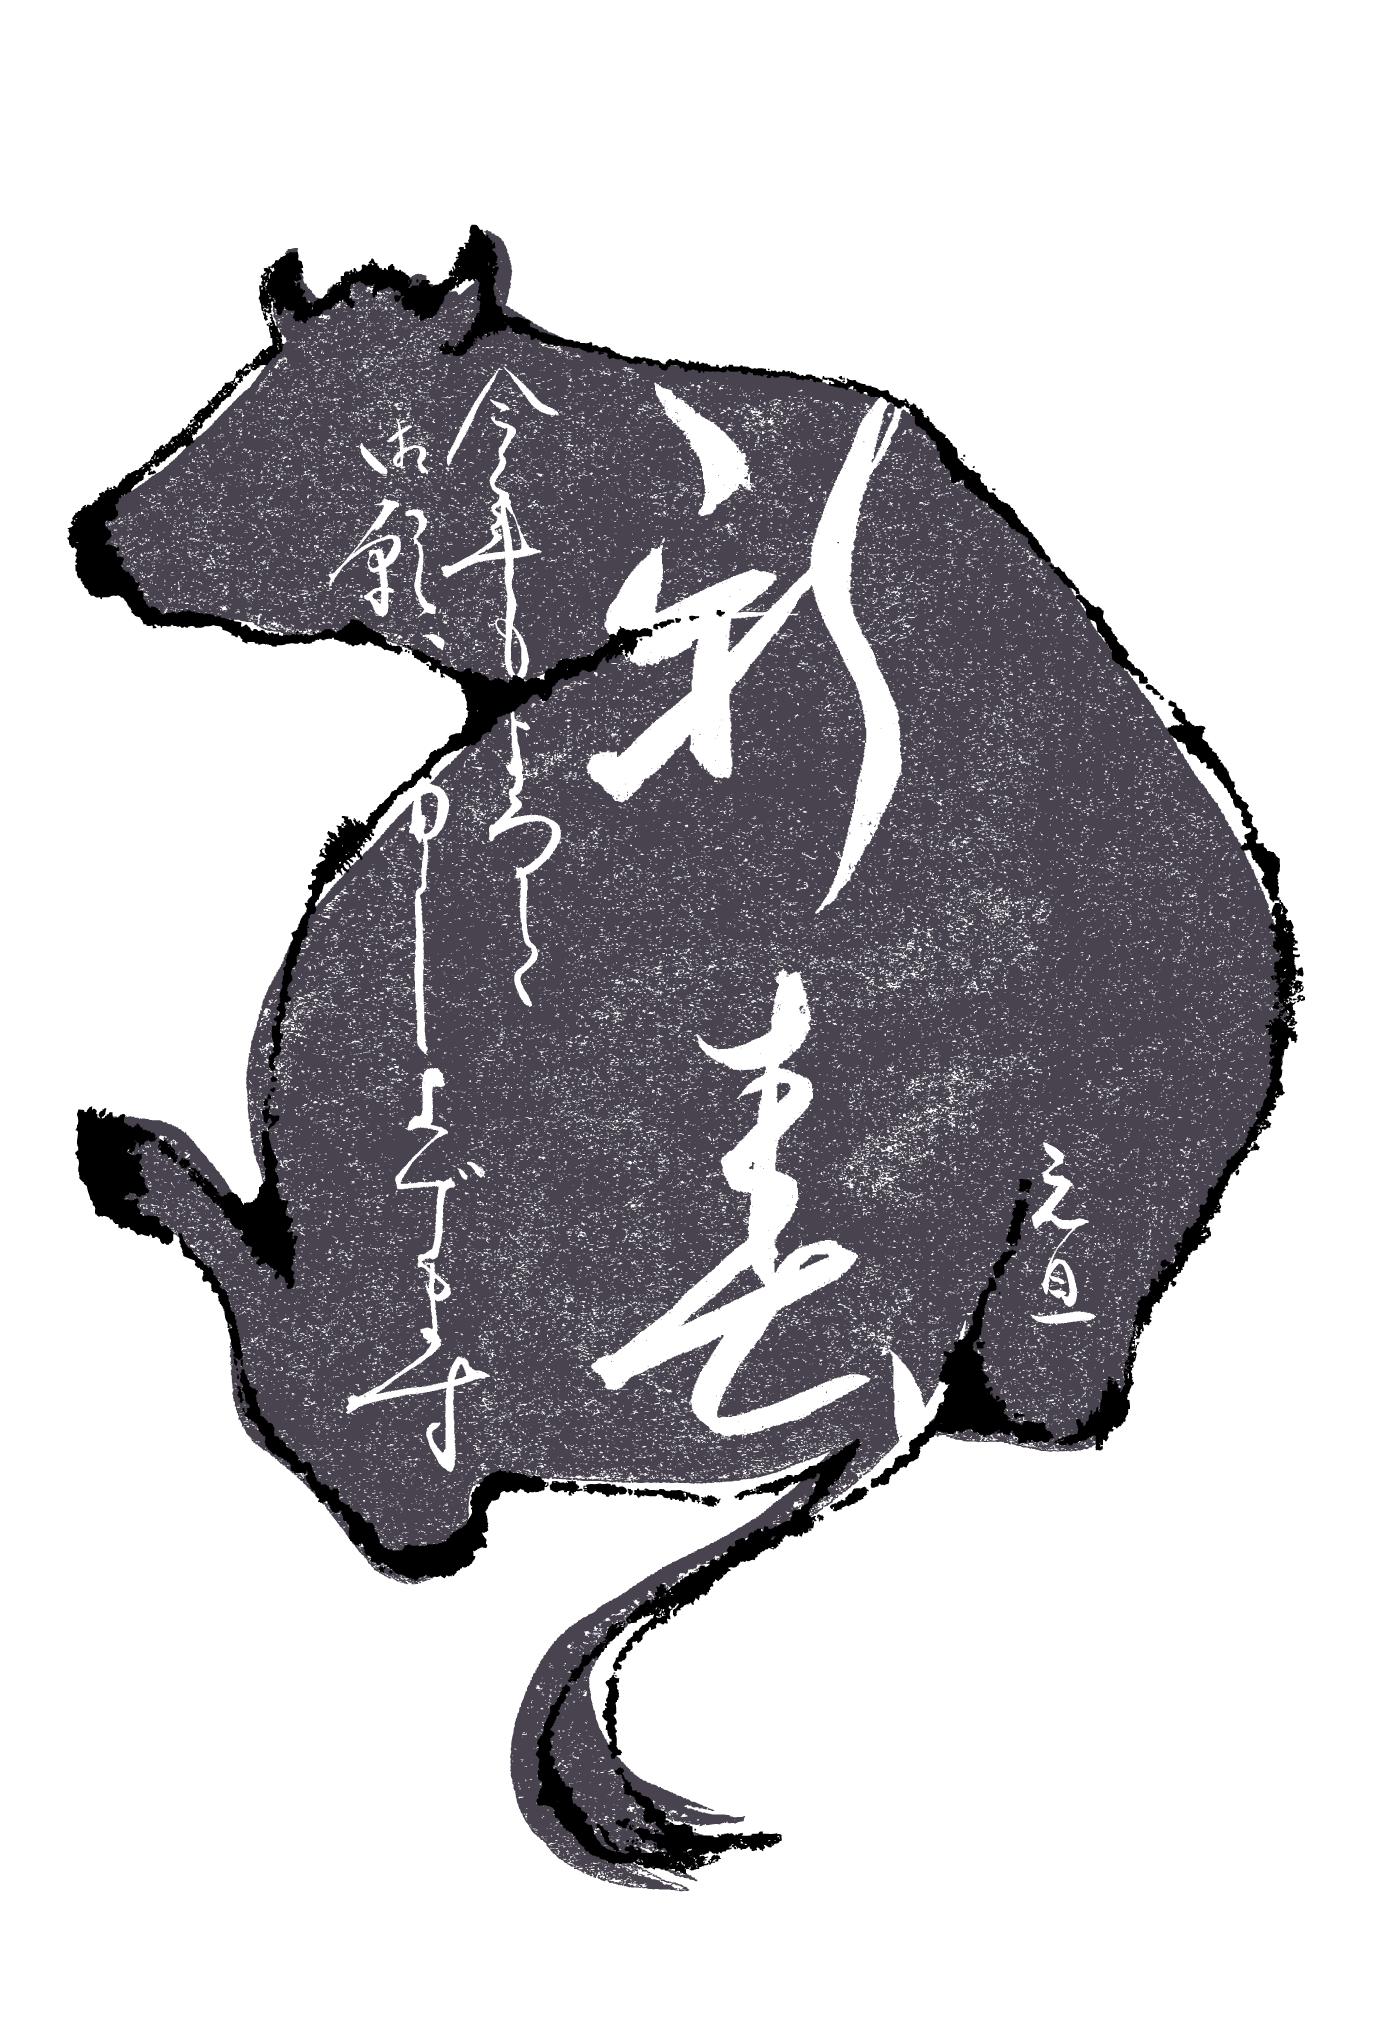 2021年賀状21-1:見返り牛(新春)黒のダウンロード画像